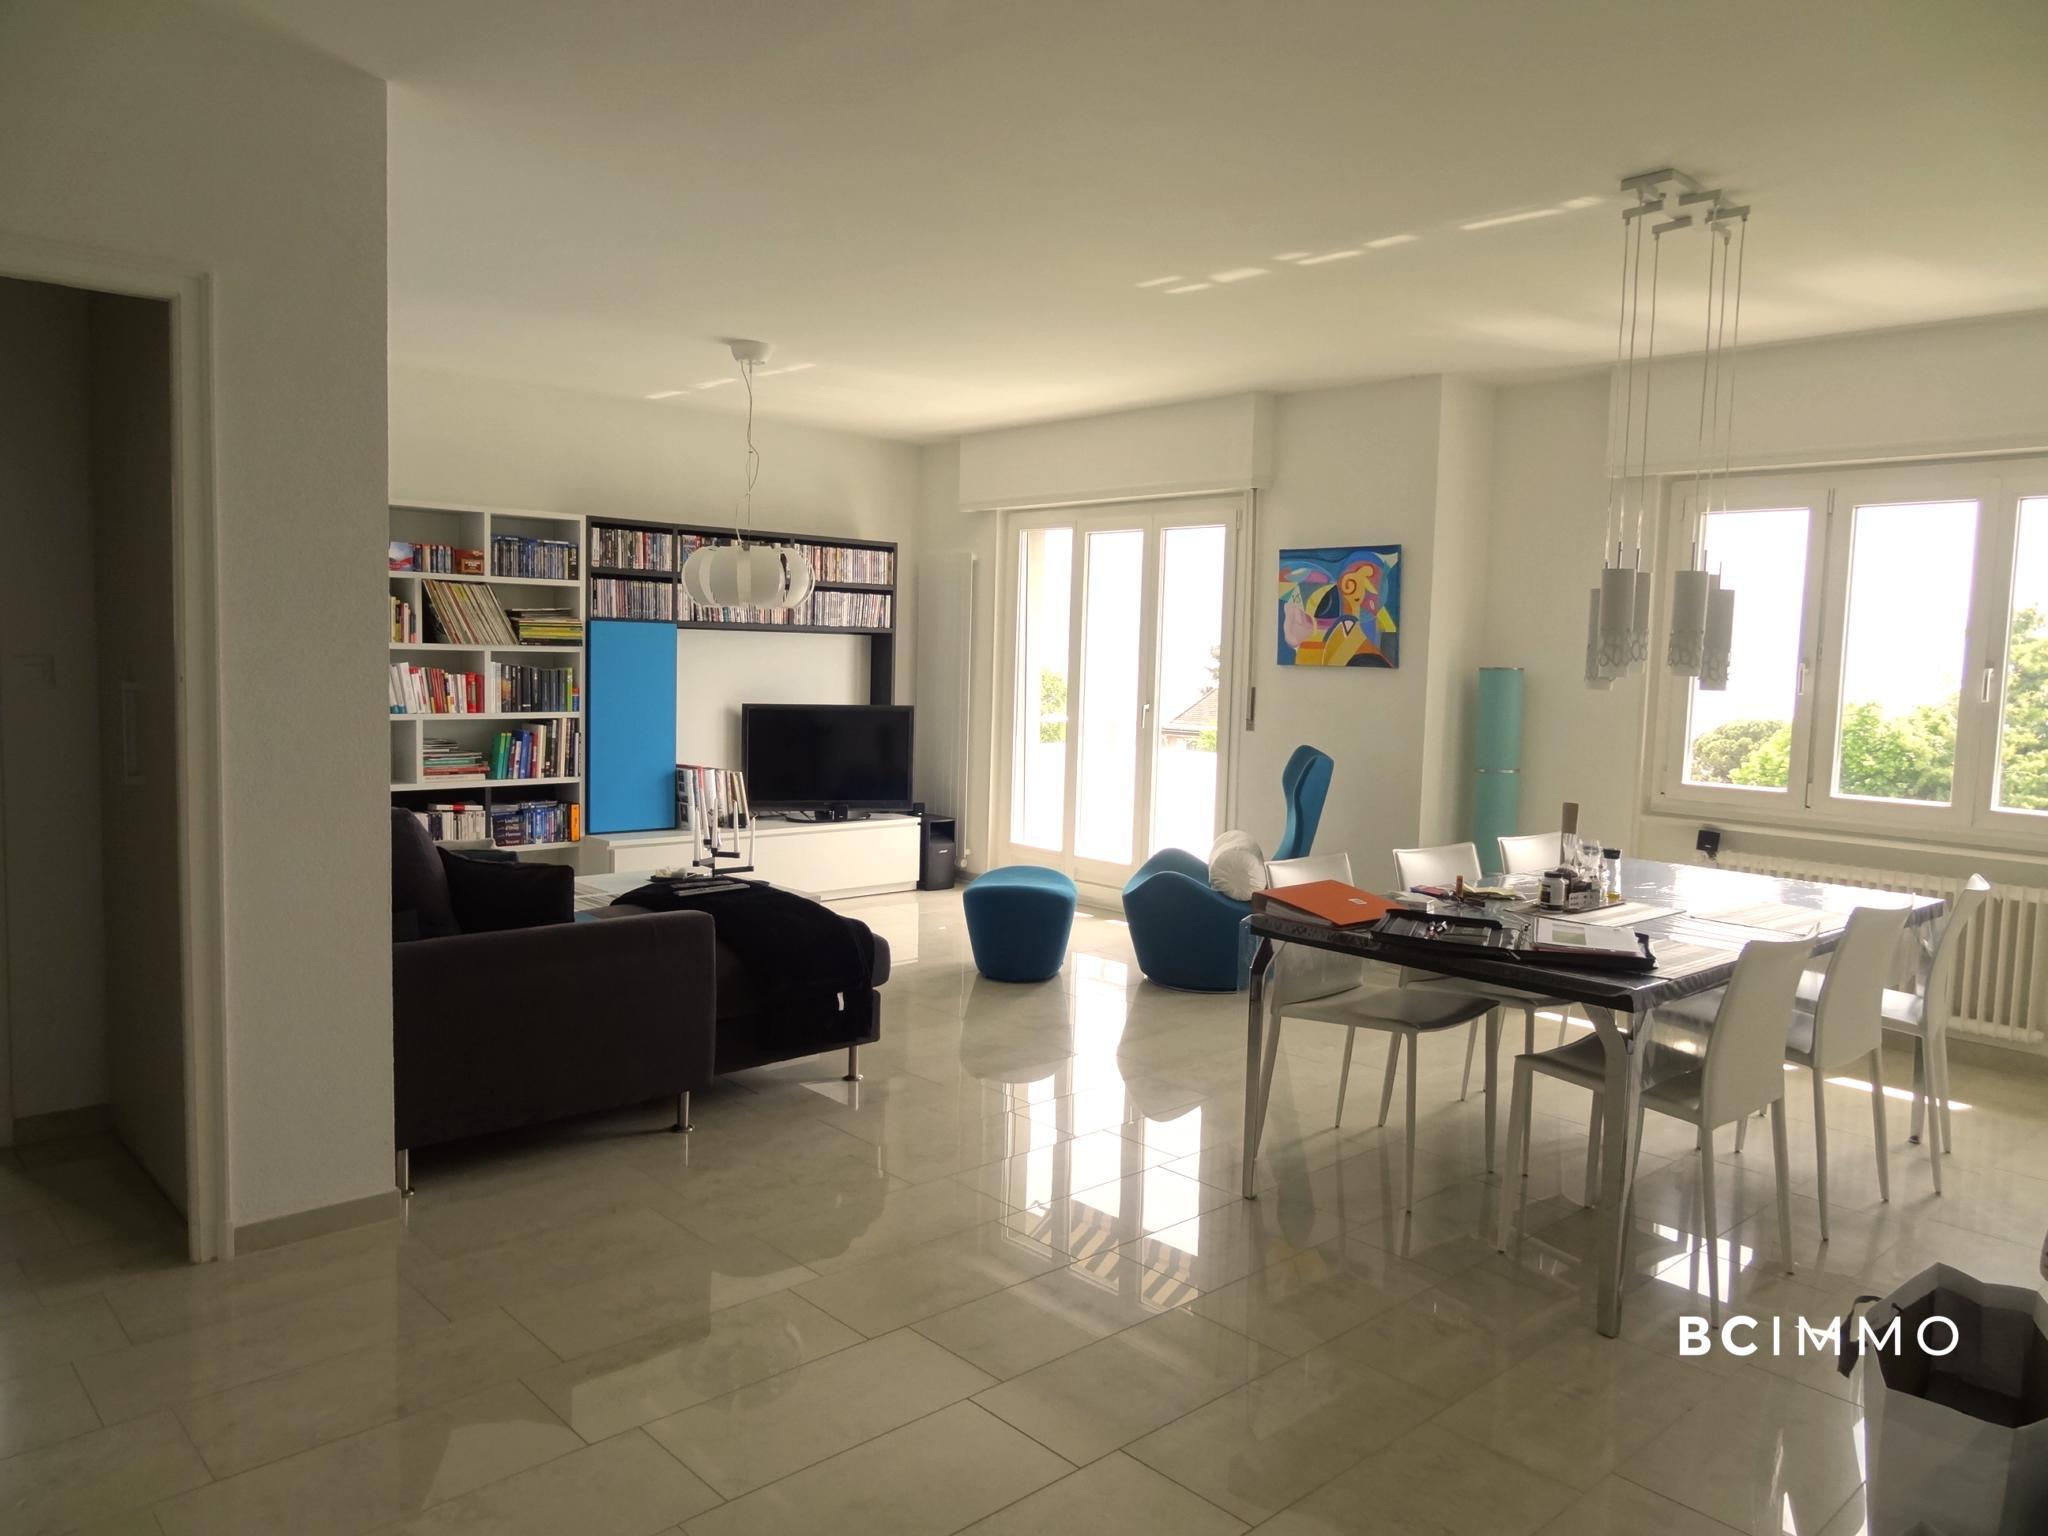 BC Immo - Charmant appartement rénové - 1094HB11